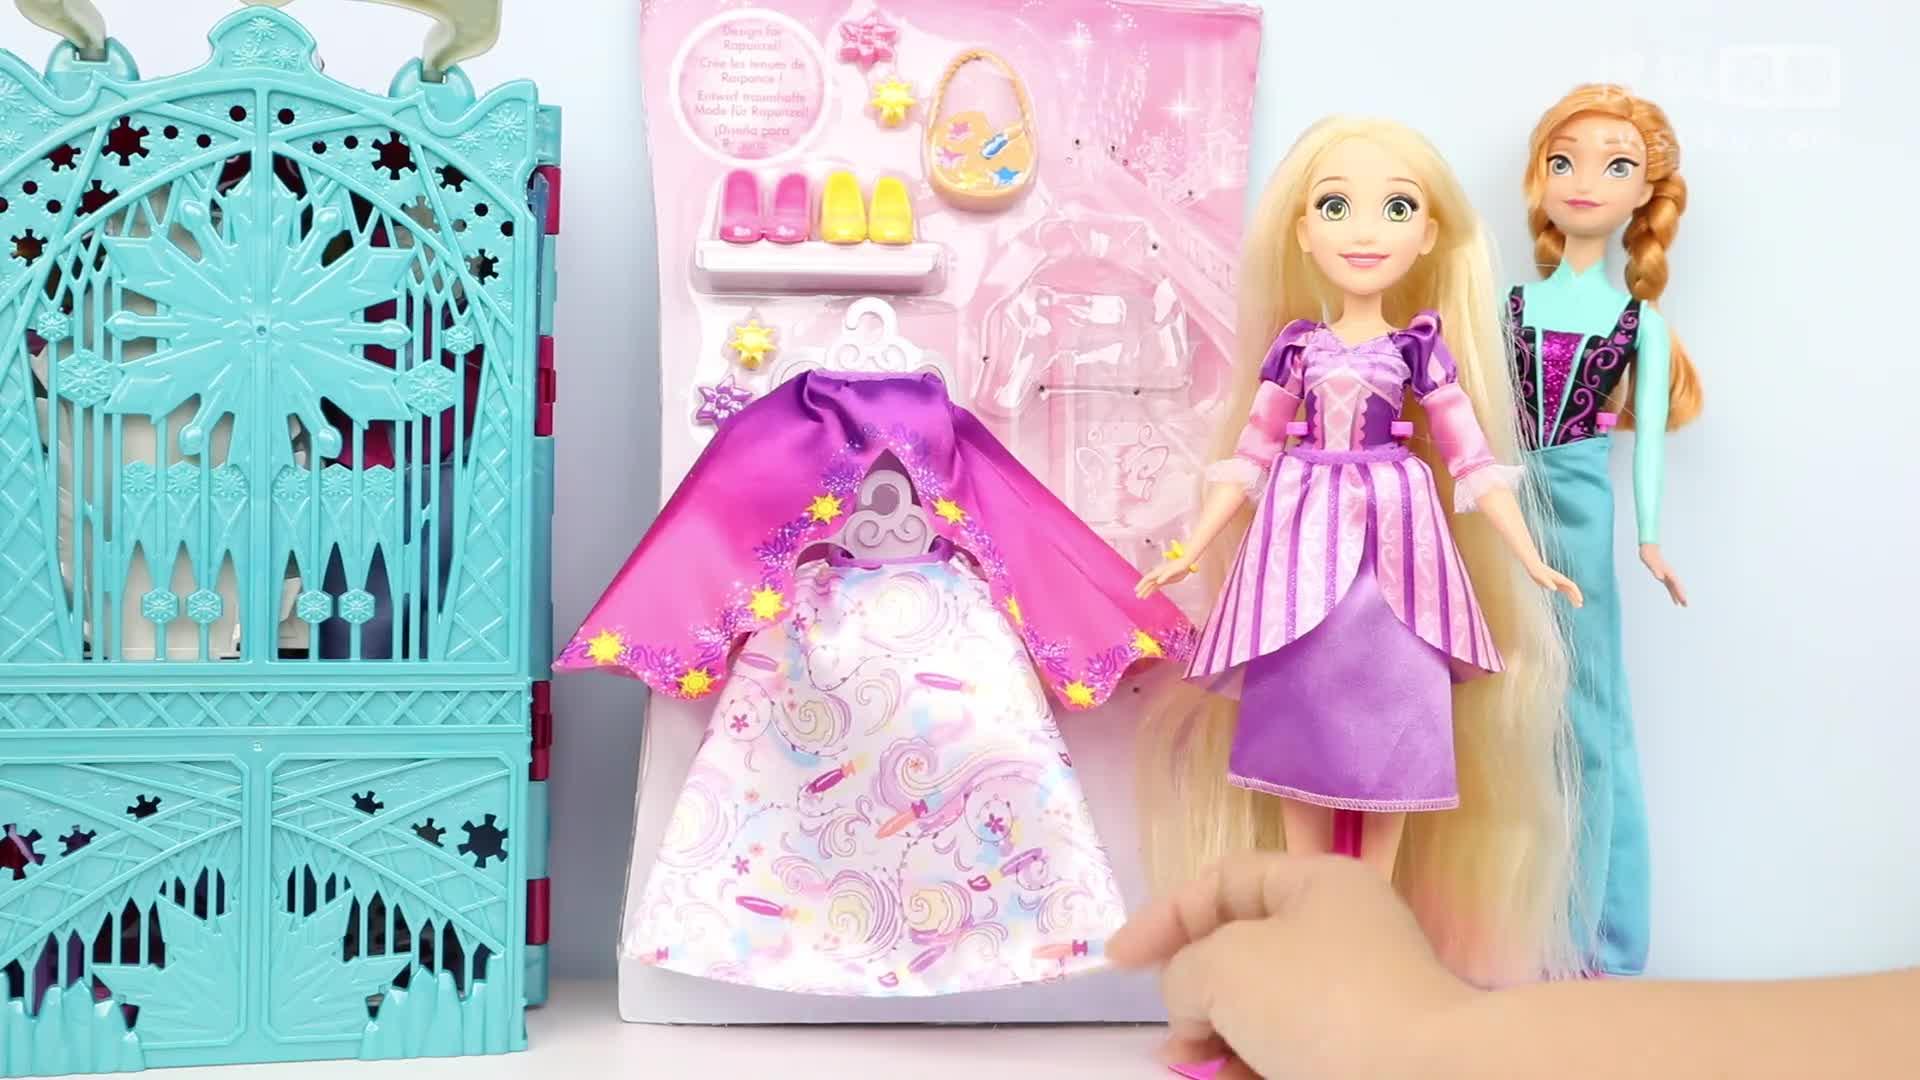 长发公主乐佩公主与安娜公主的时尚妆扮玩具 冰雪奇缘迪士尼公主